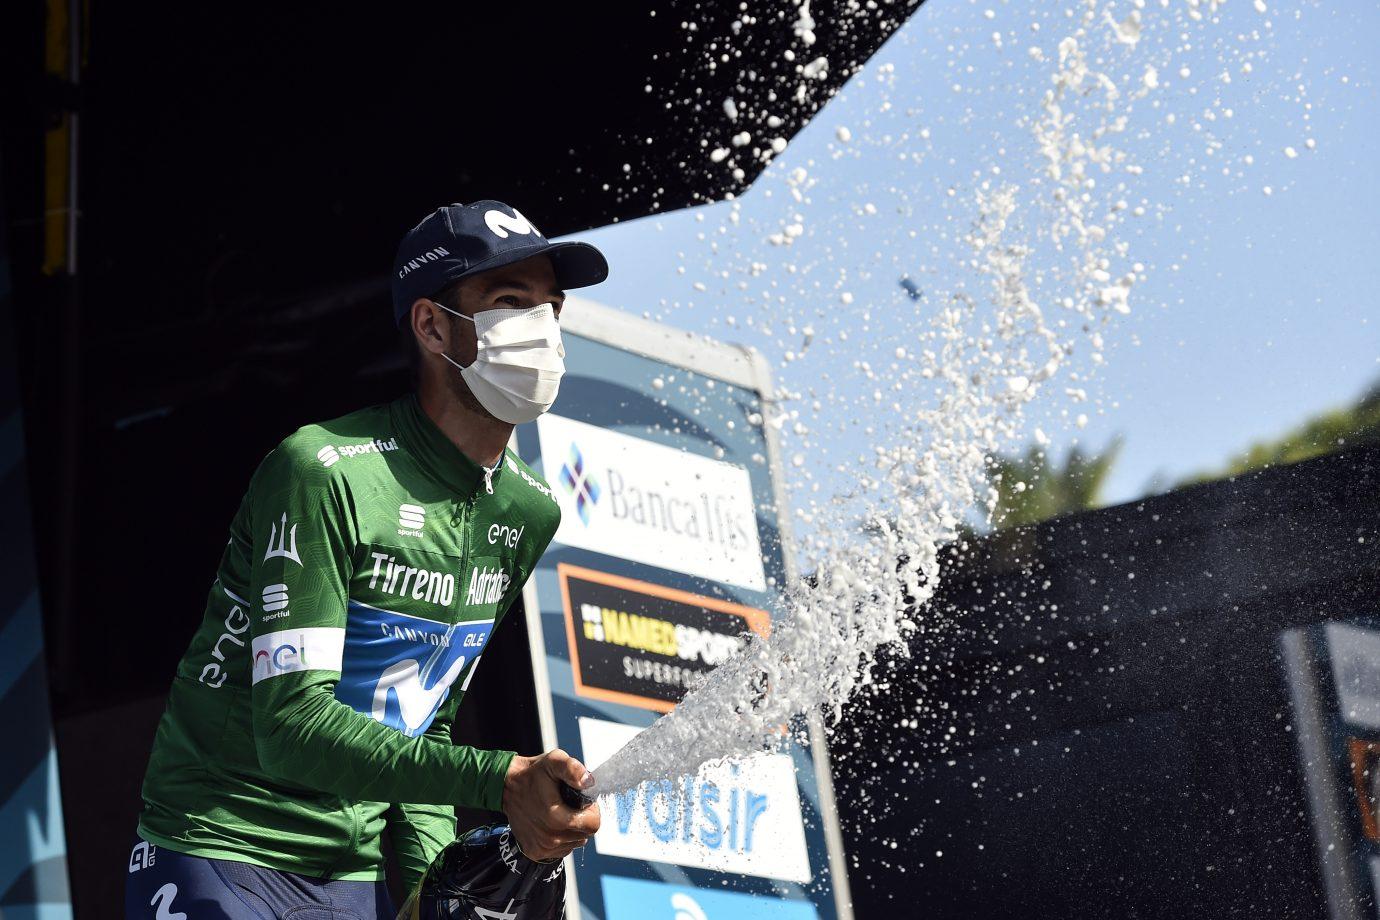 Imagen de la noticia 'Carretero wins KOM classification in Tirreno-Adriático'